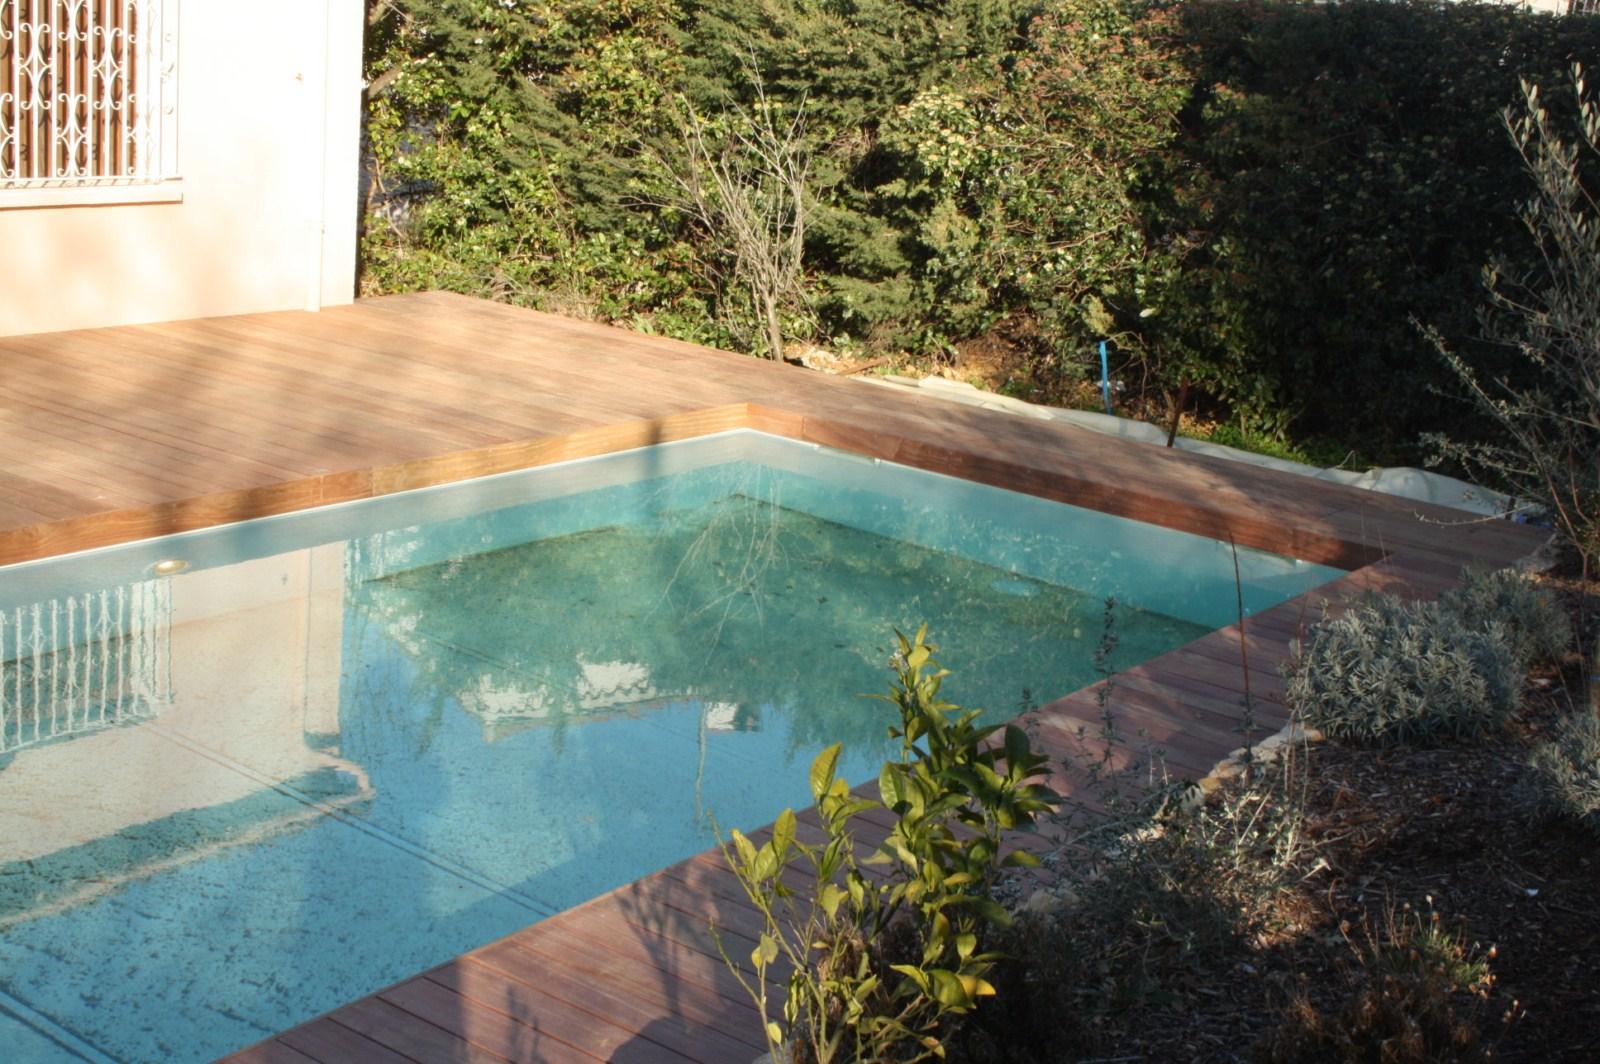 Tour de piscine en bois exotique cumaru six fours les plages var les terrasses du bois - Tour de piscine en bois ...